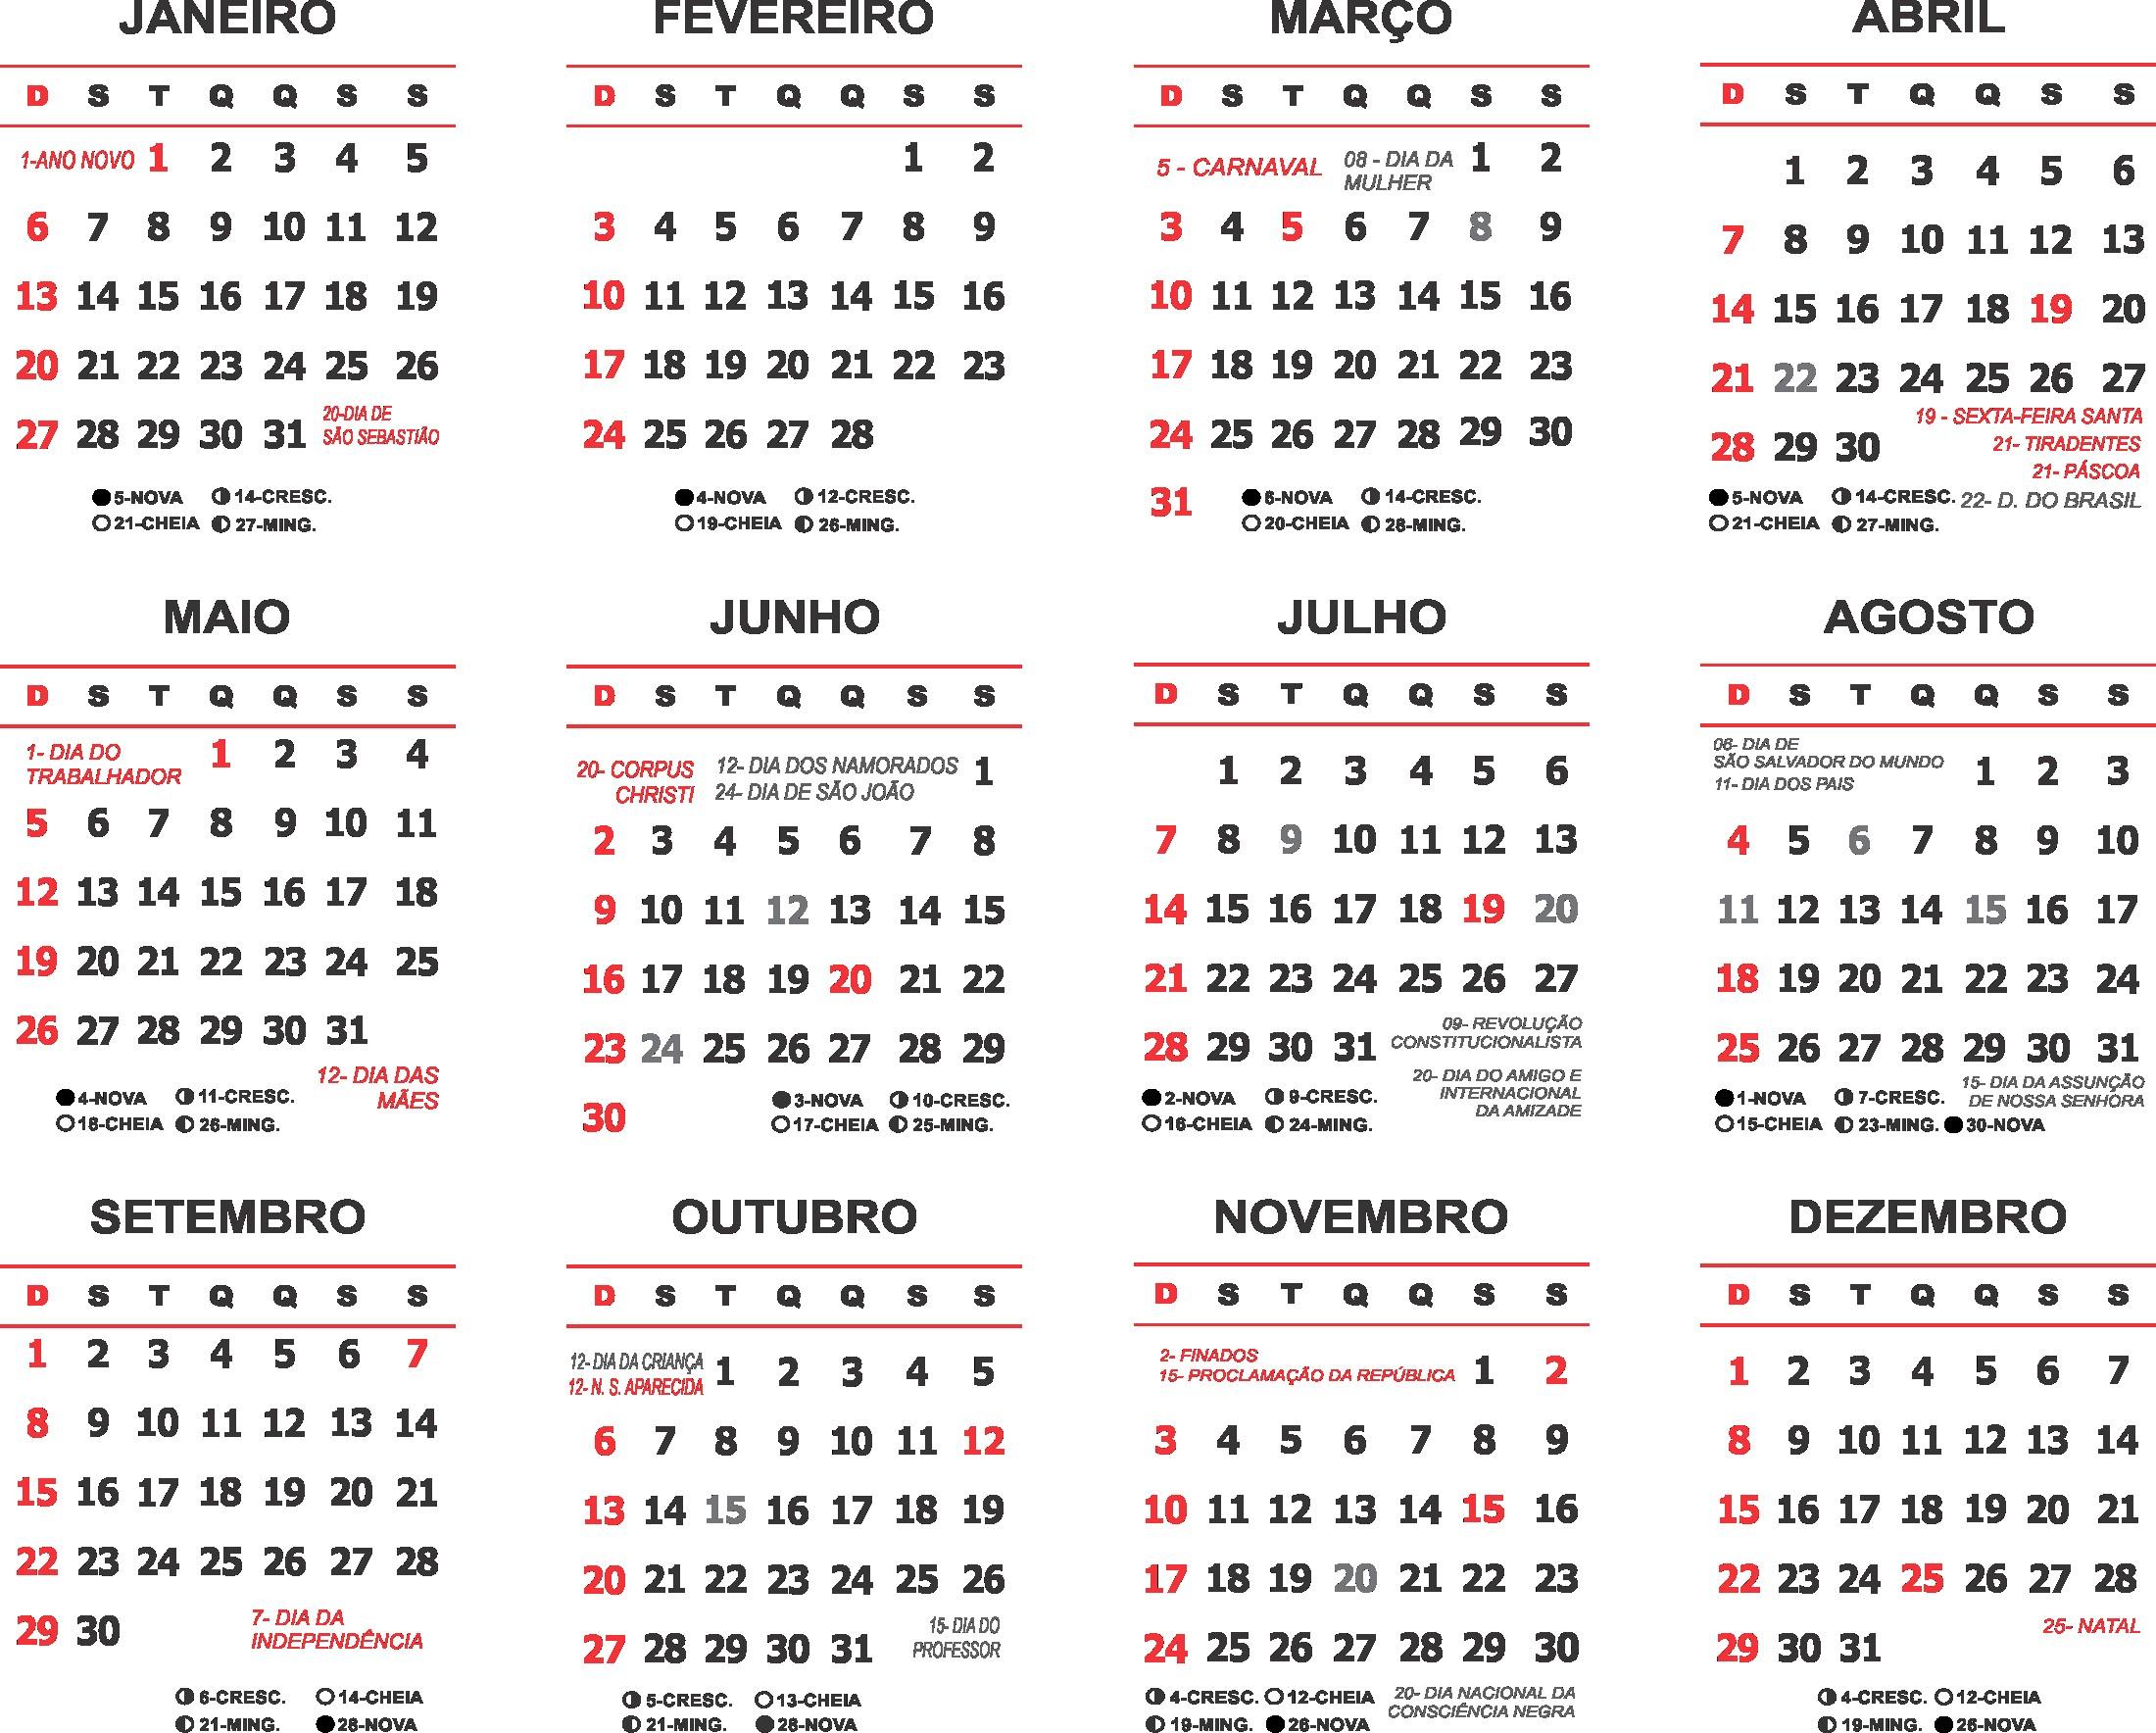 Calendario 2019 Feriados Santos Más Recientes Yllana Calendario 2019 2018 12 Of Calendario 2019 Feriados Santos Recientes C 22 – Publifinisterra Articulos Promocionales